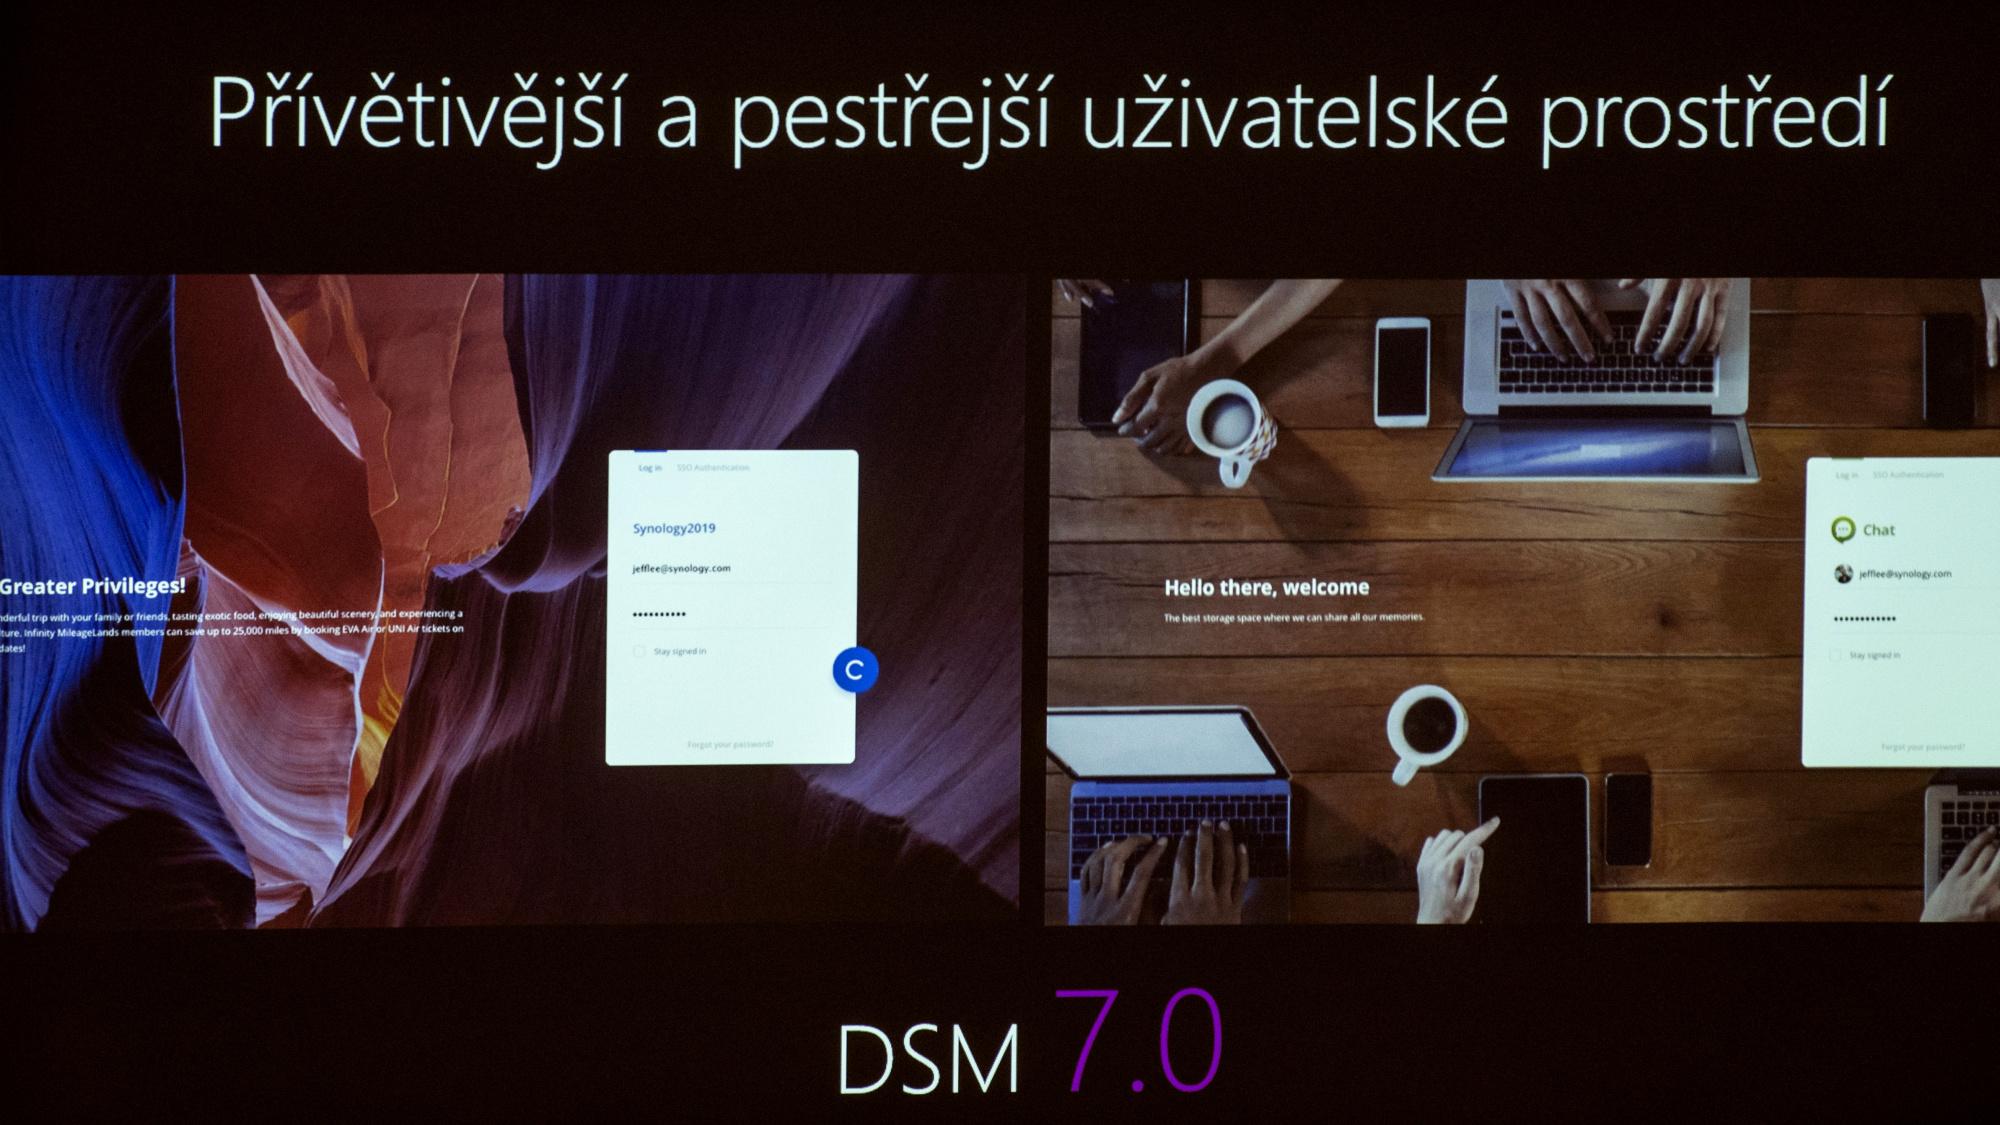 PC Revue | Synology prichádza s DSM 7 0  Nový dizajn, nové